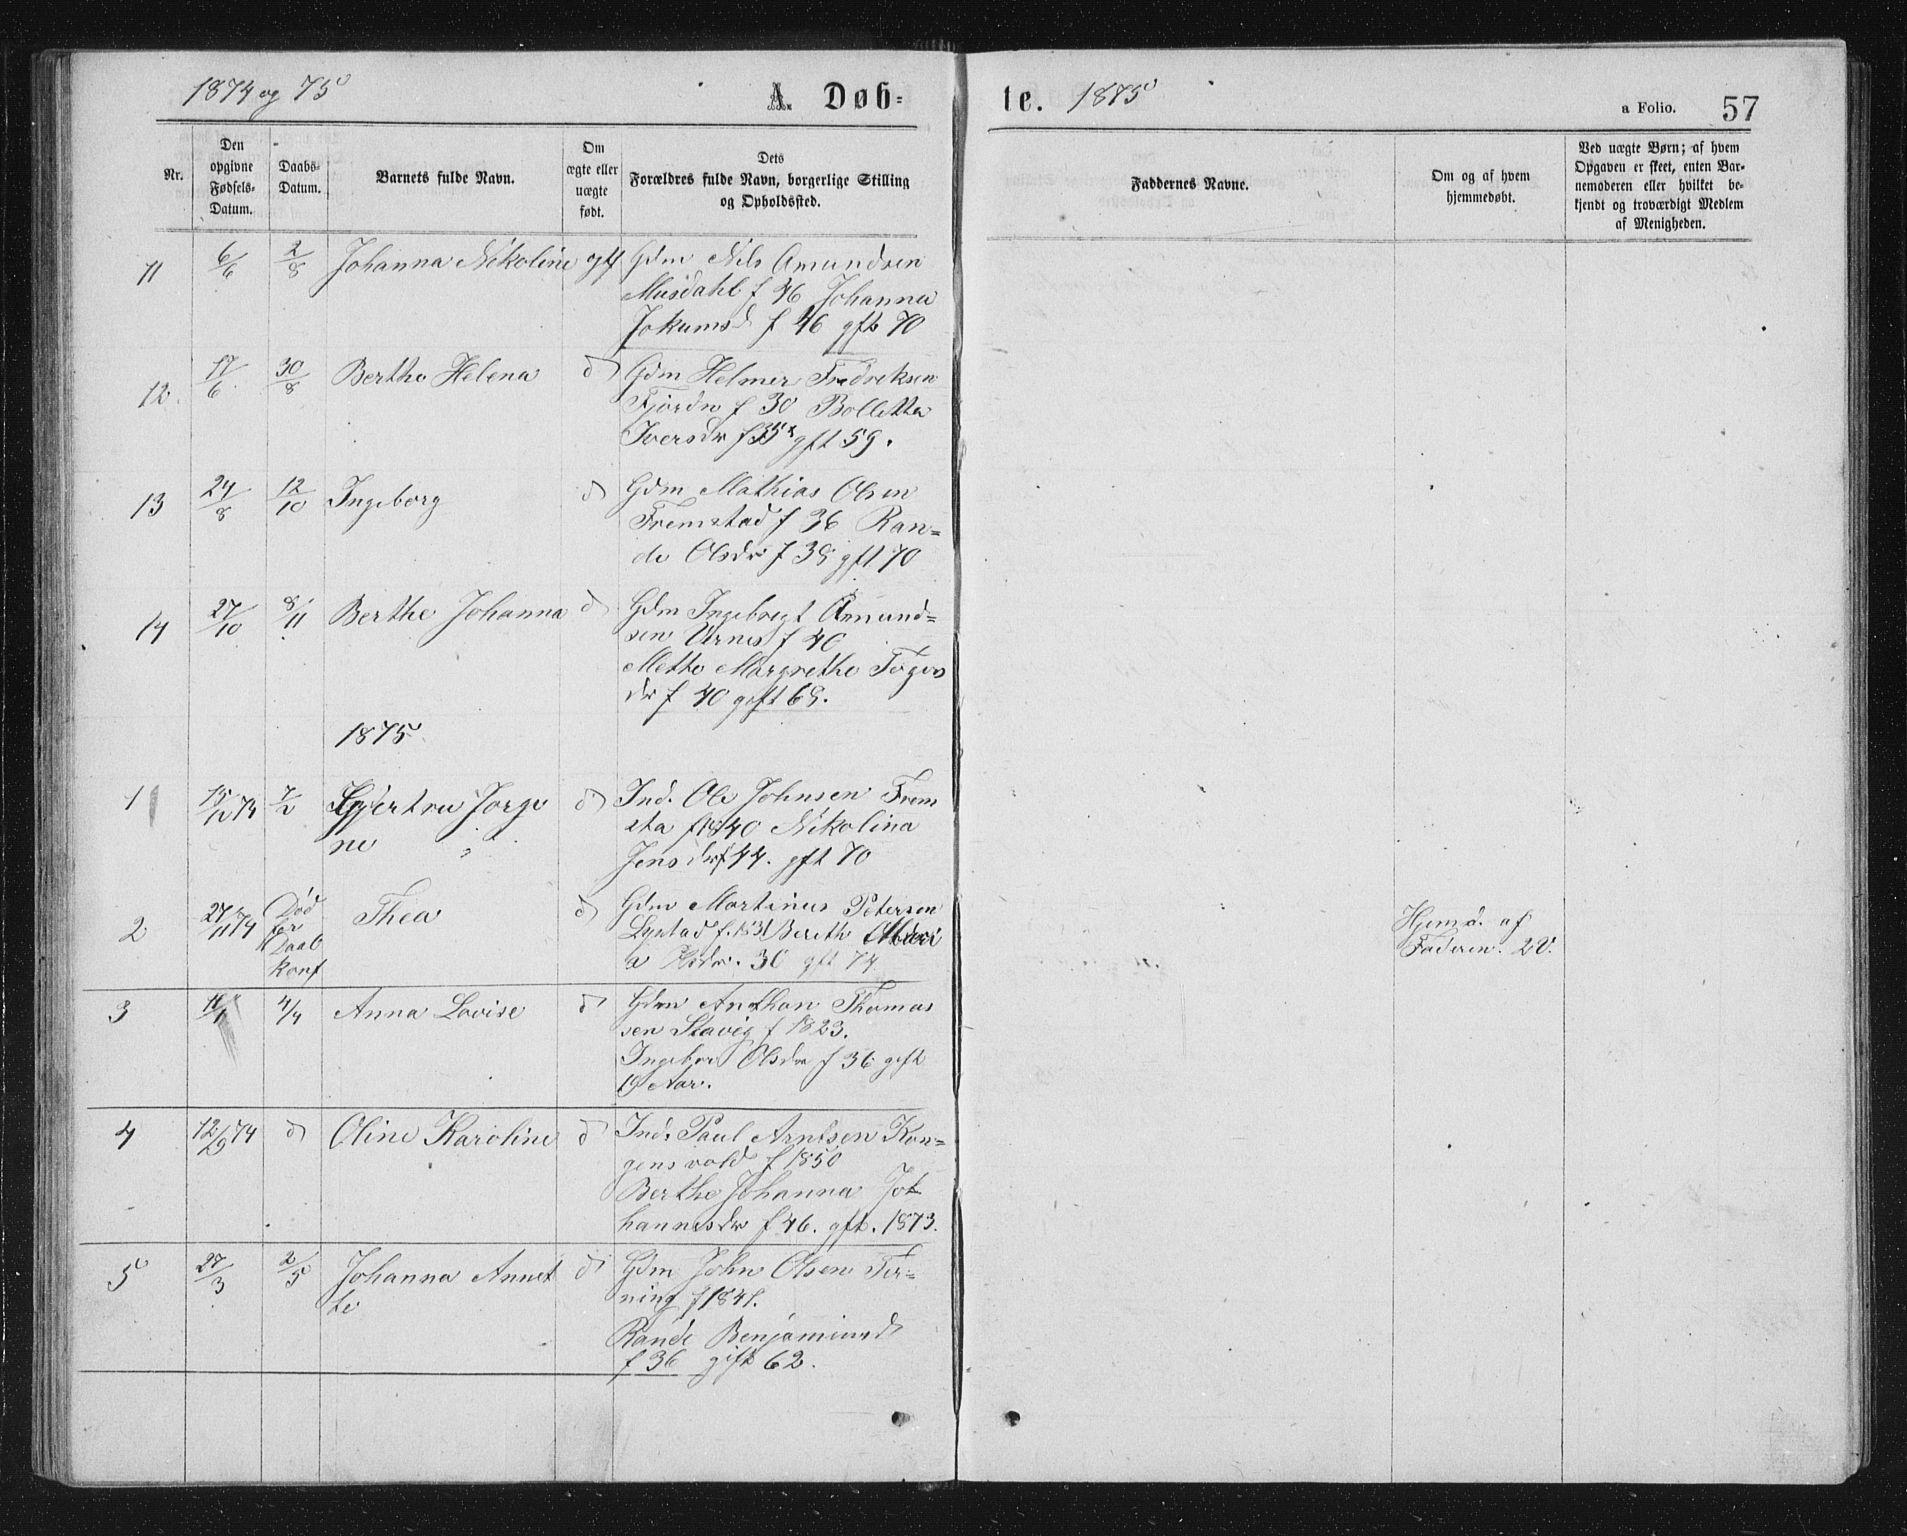 SAT, Ministerialprotokoller, klokkerbøker og fødselsregistre - Sør-Trøndelag, 662/L0756: Klokkerbok nr. 662C01, 1869-1891, s. 57